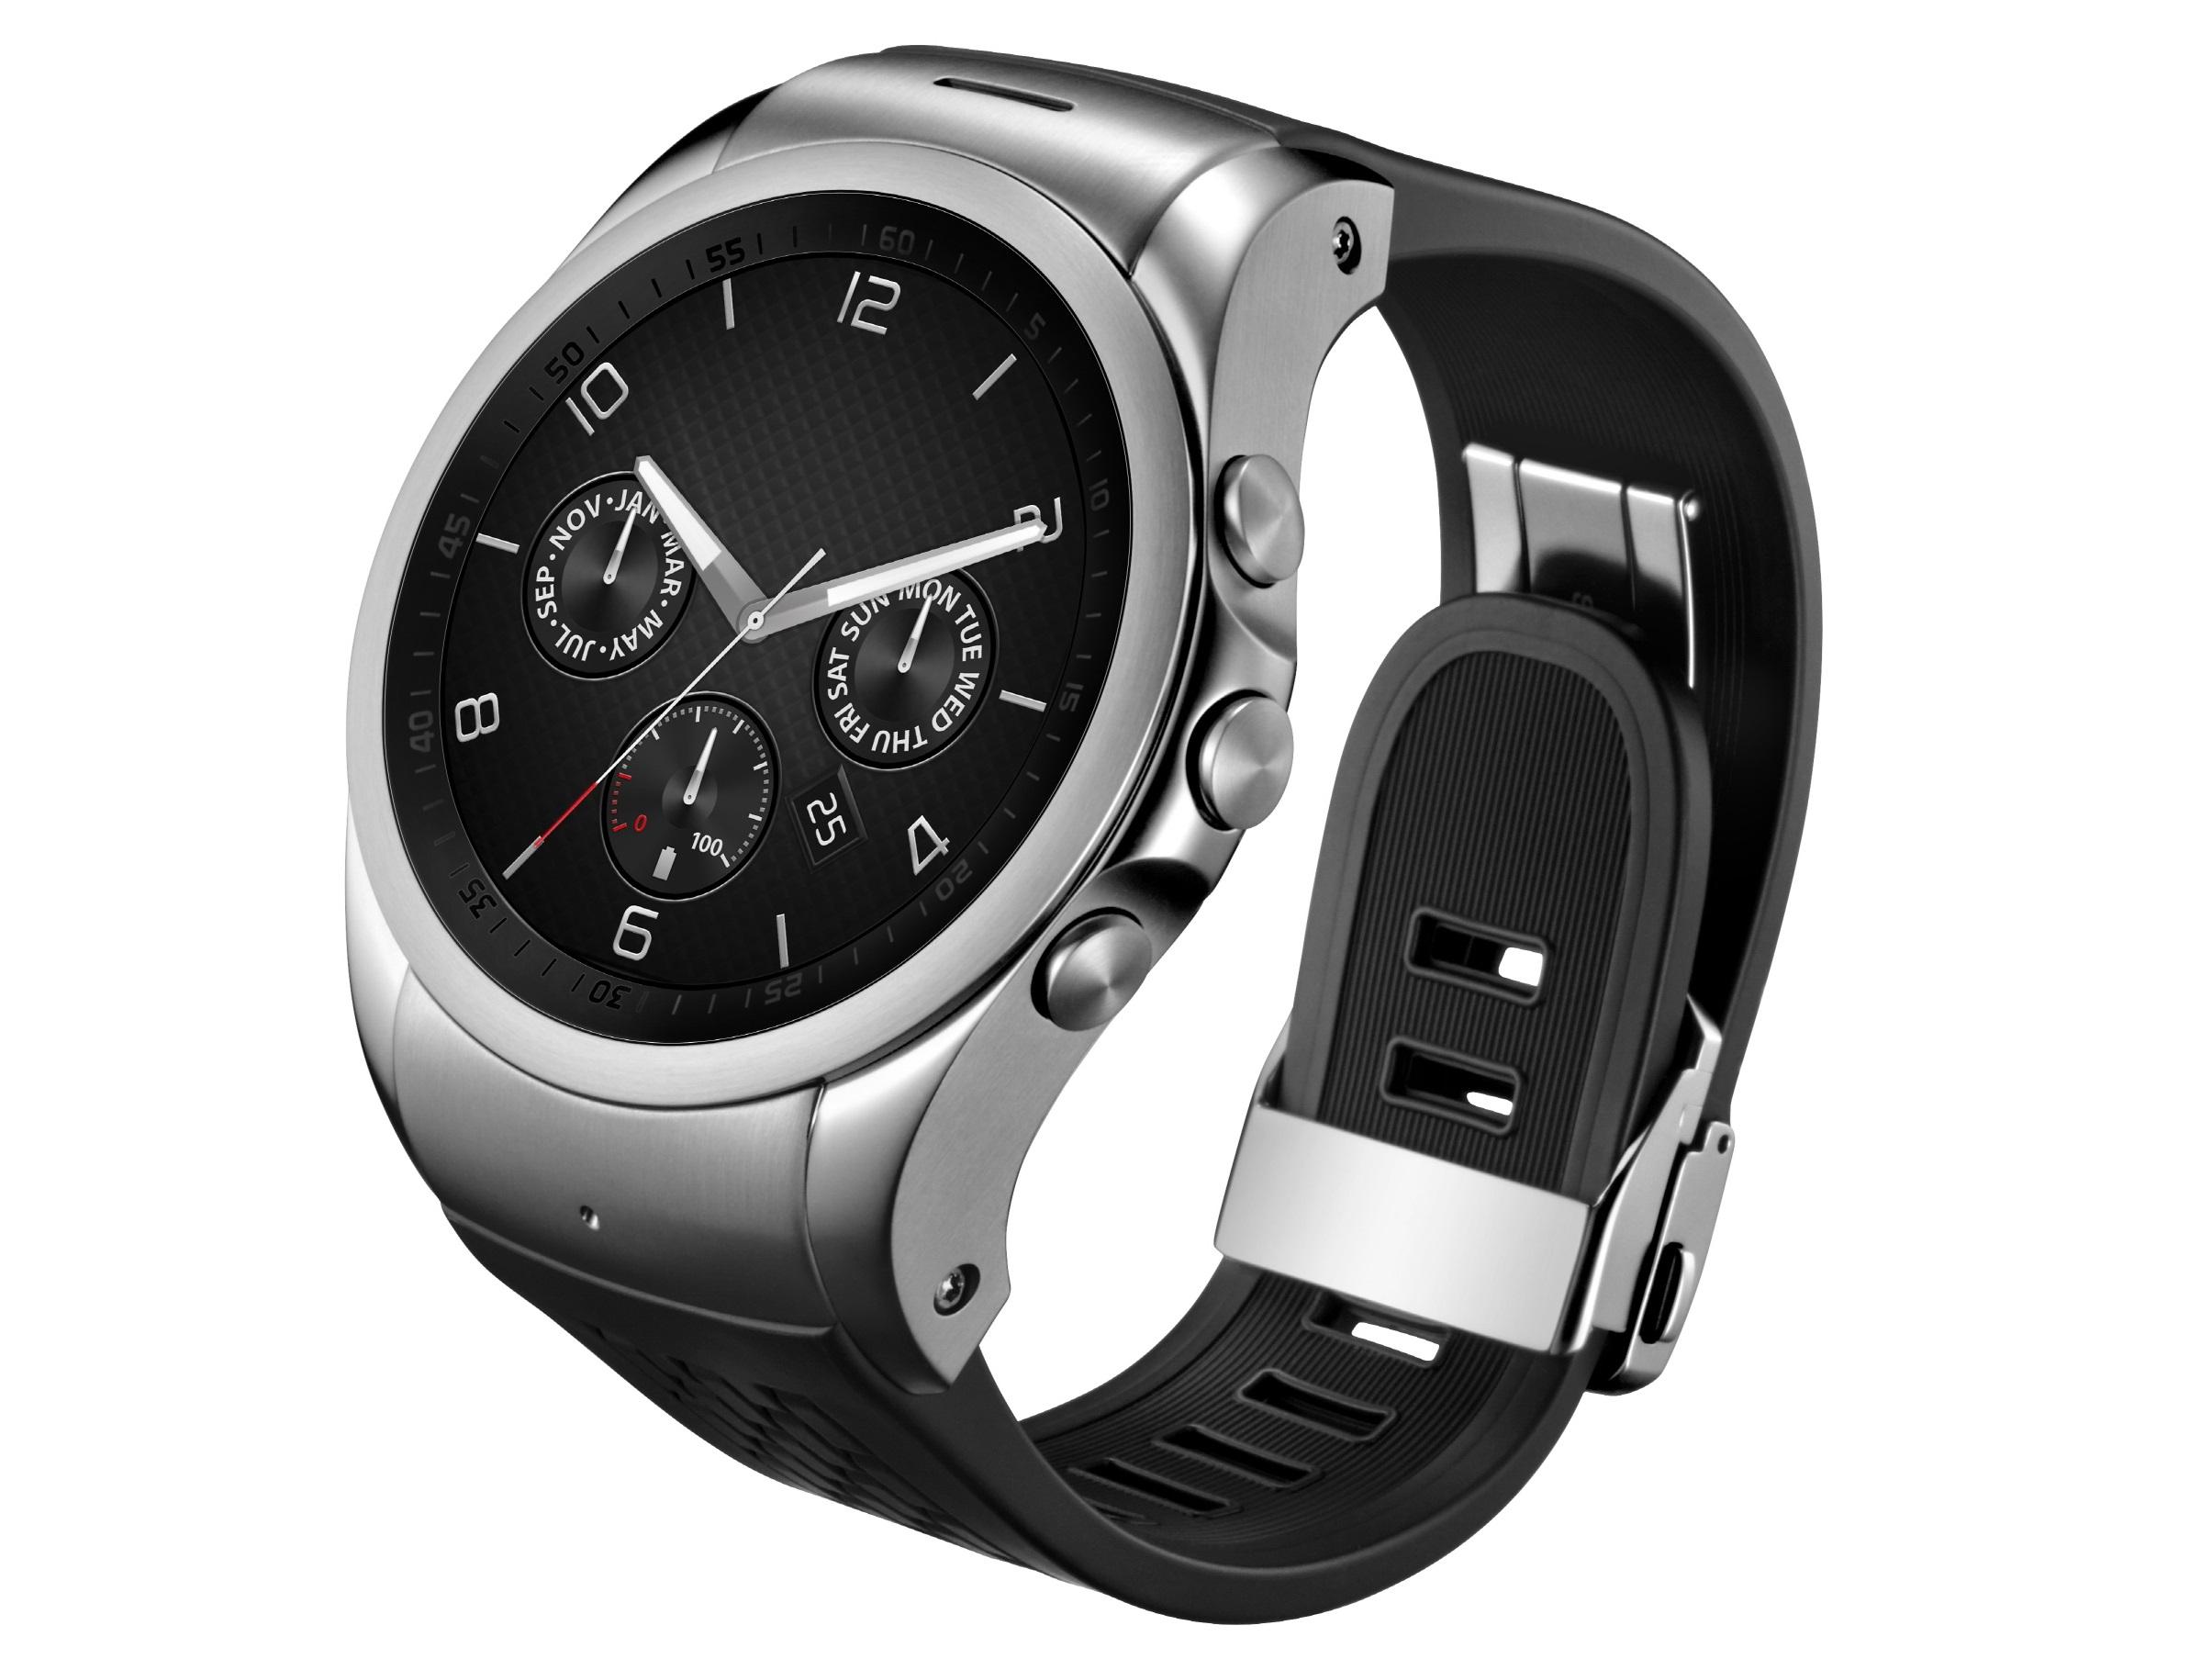 با ویژگیهای ساعت هوشمند 600 دلاری LG آشنا شوید